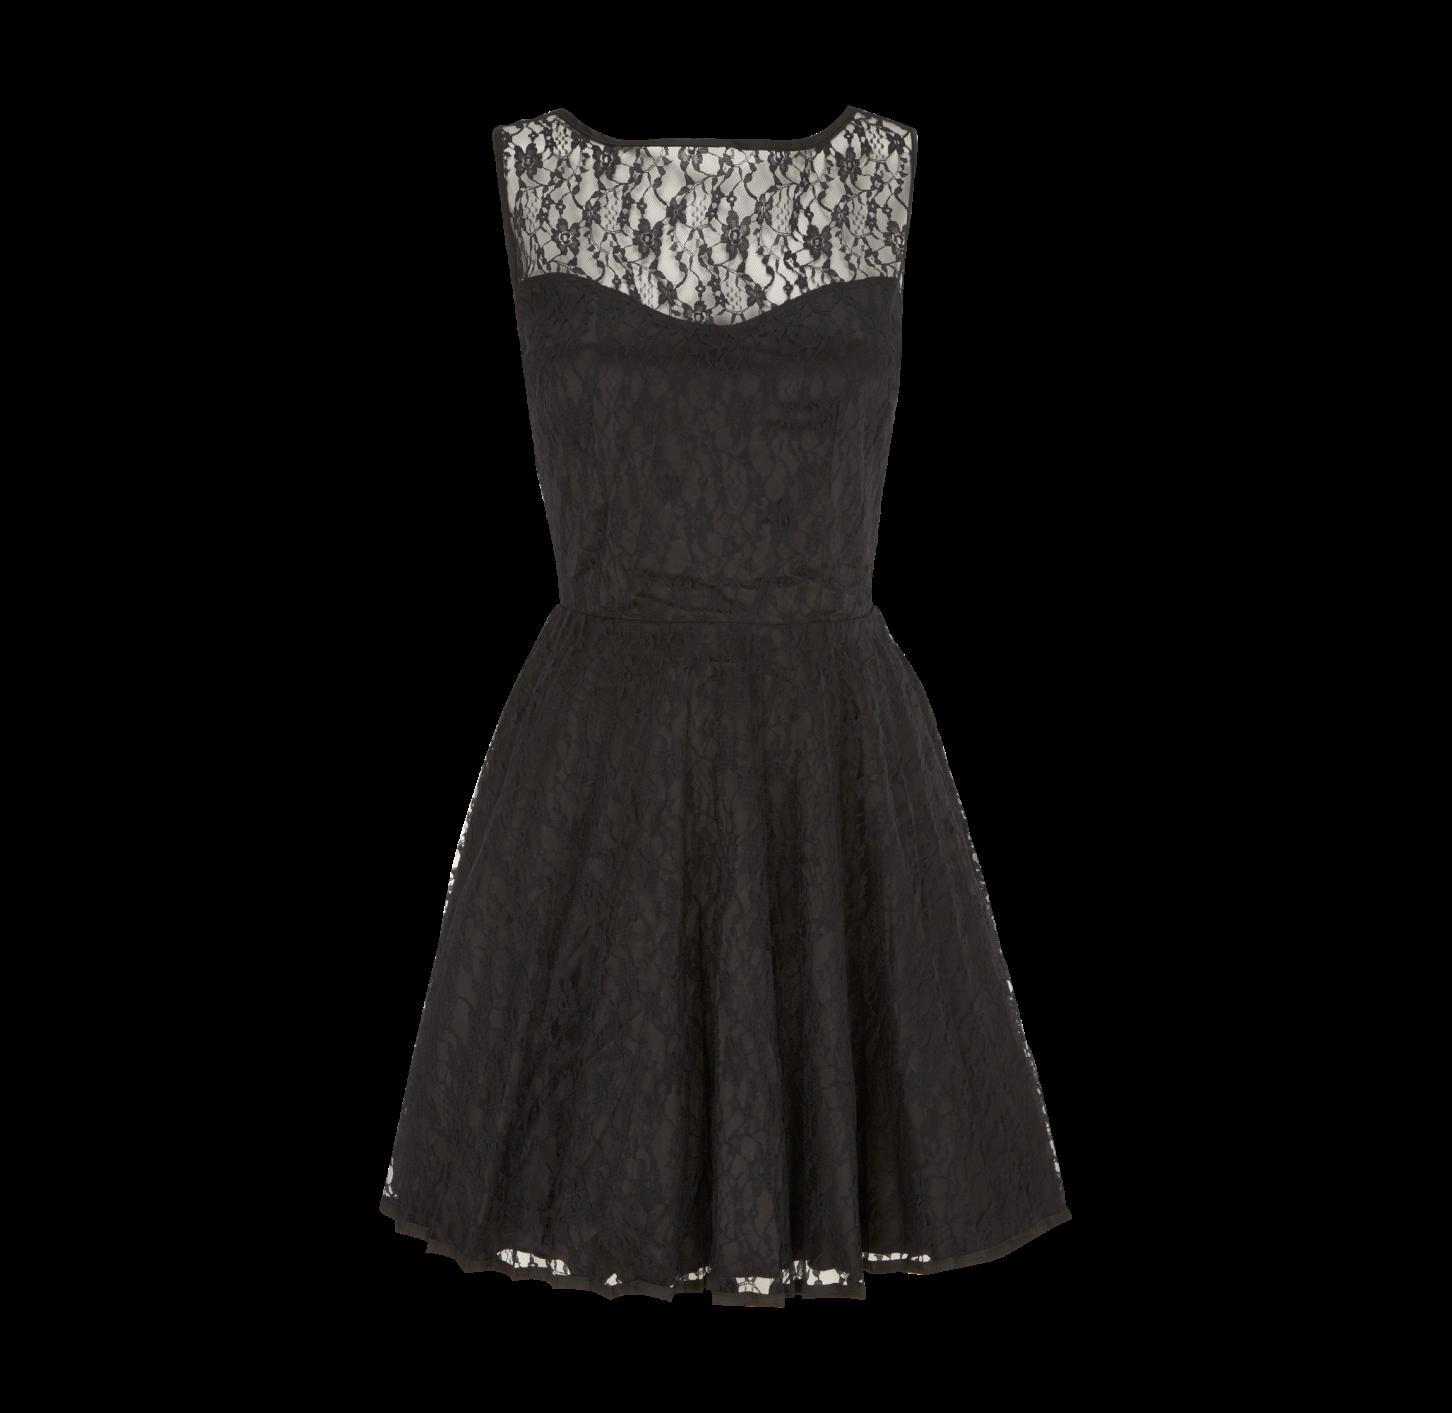 GLAMOROUS Kleid mit verstärktem Saum - Vorderansicht | Abschluss ...